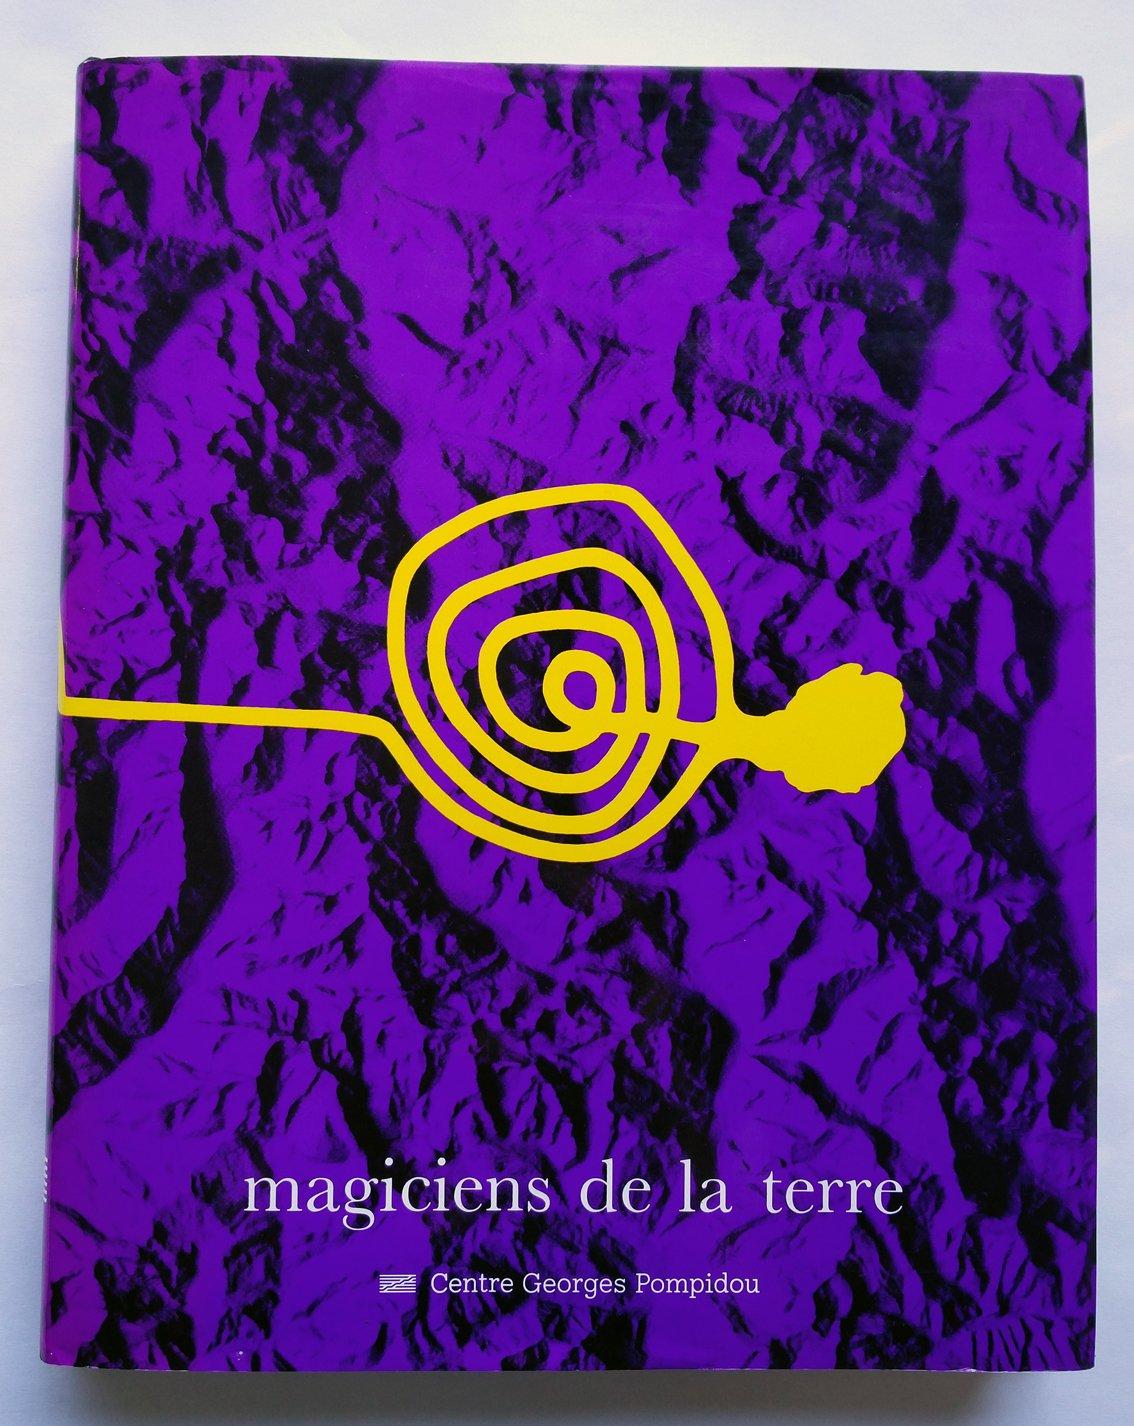 Magiciens de la terre : Musée national d'art moderne, Parc de La Villette:  Amazon.fr: Livres